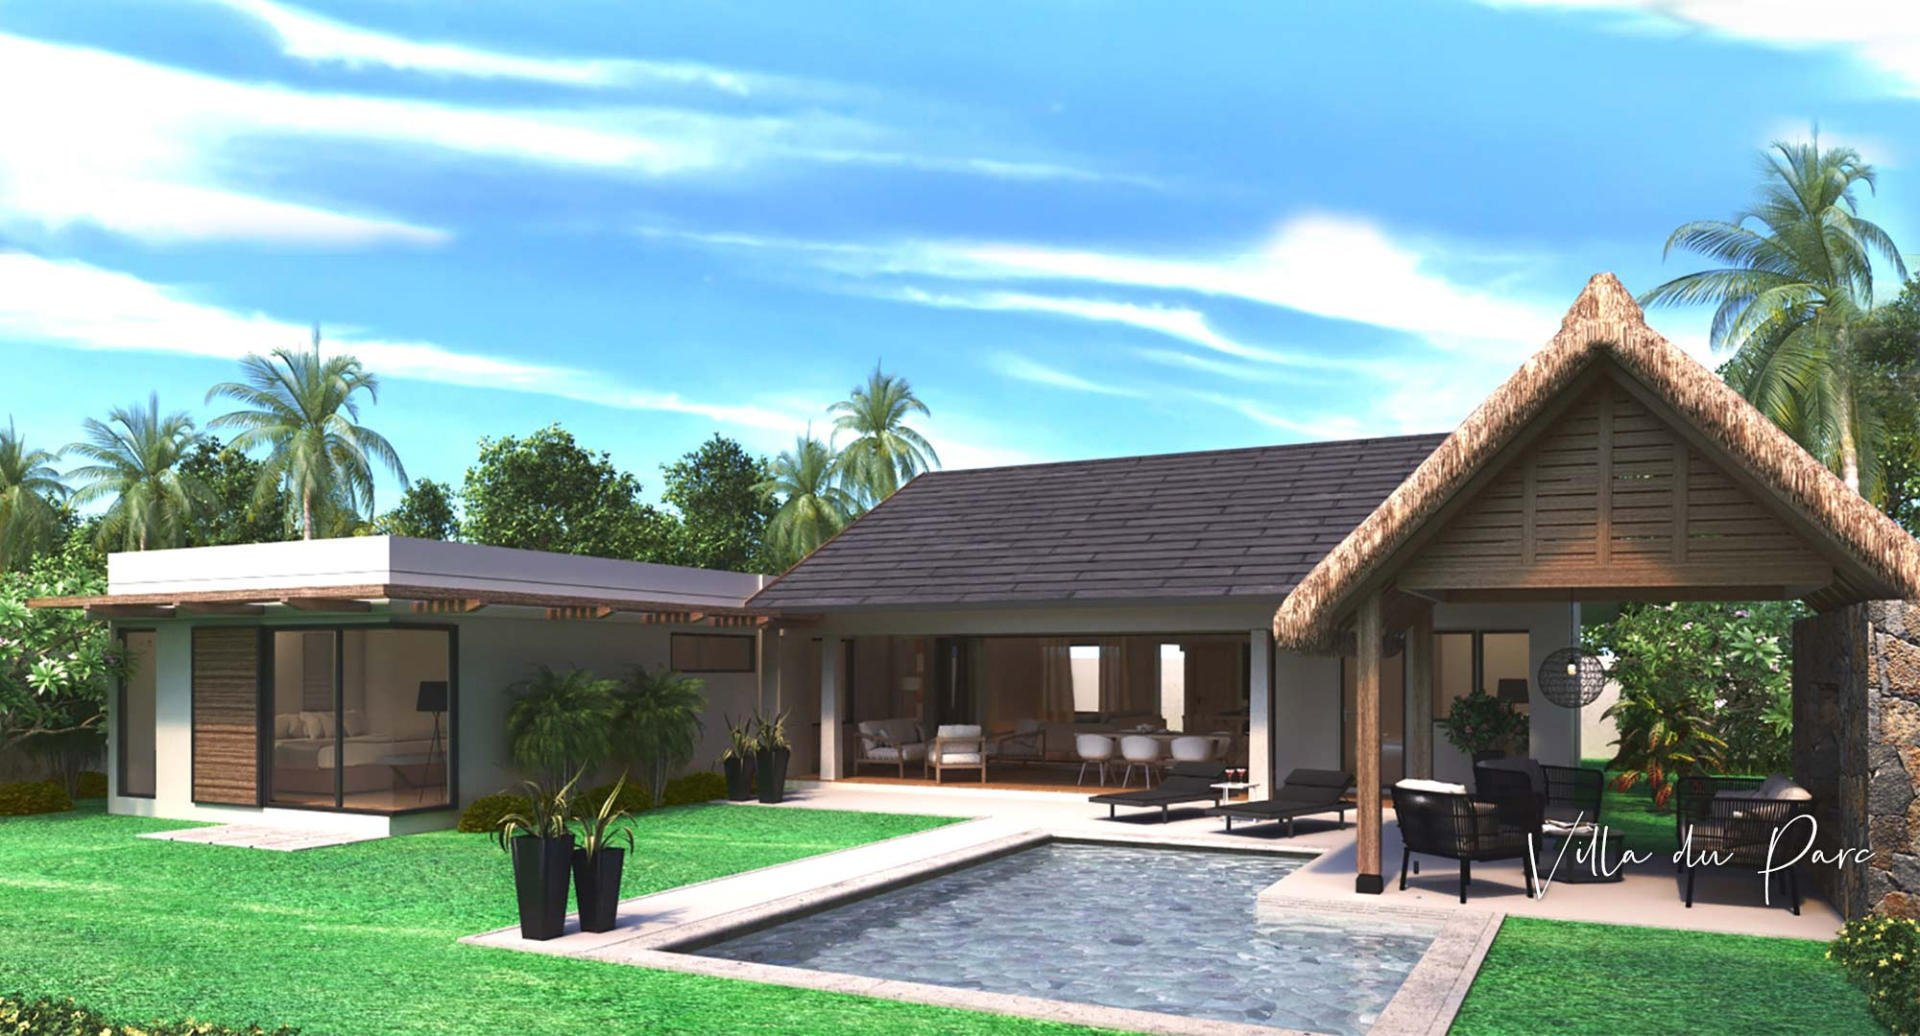 Villa in Cap Malheureux, Rivière du Rempart District, Mauritius 1